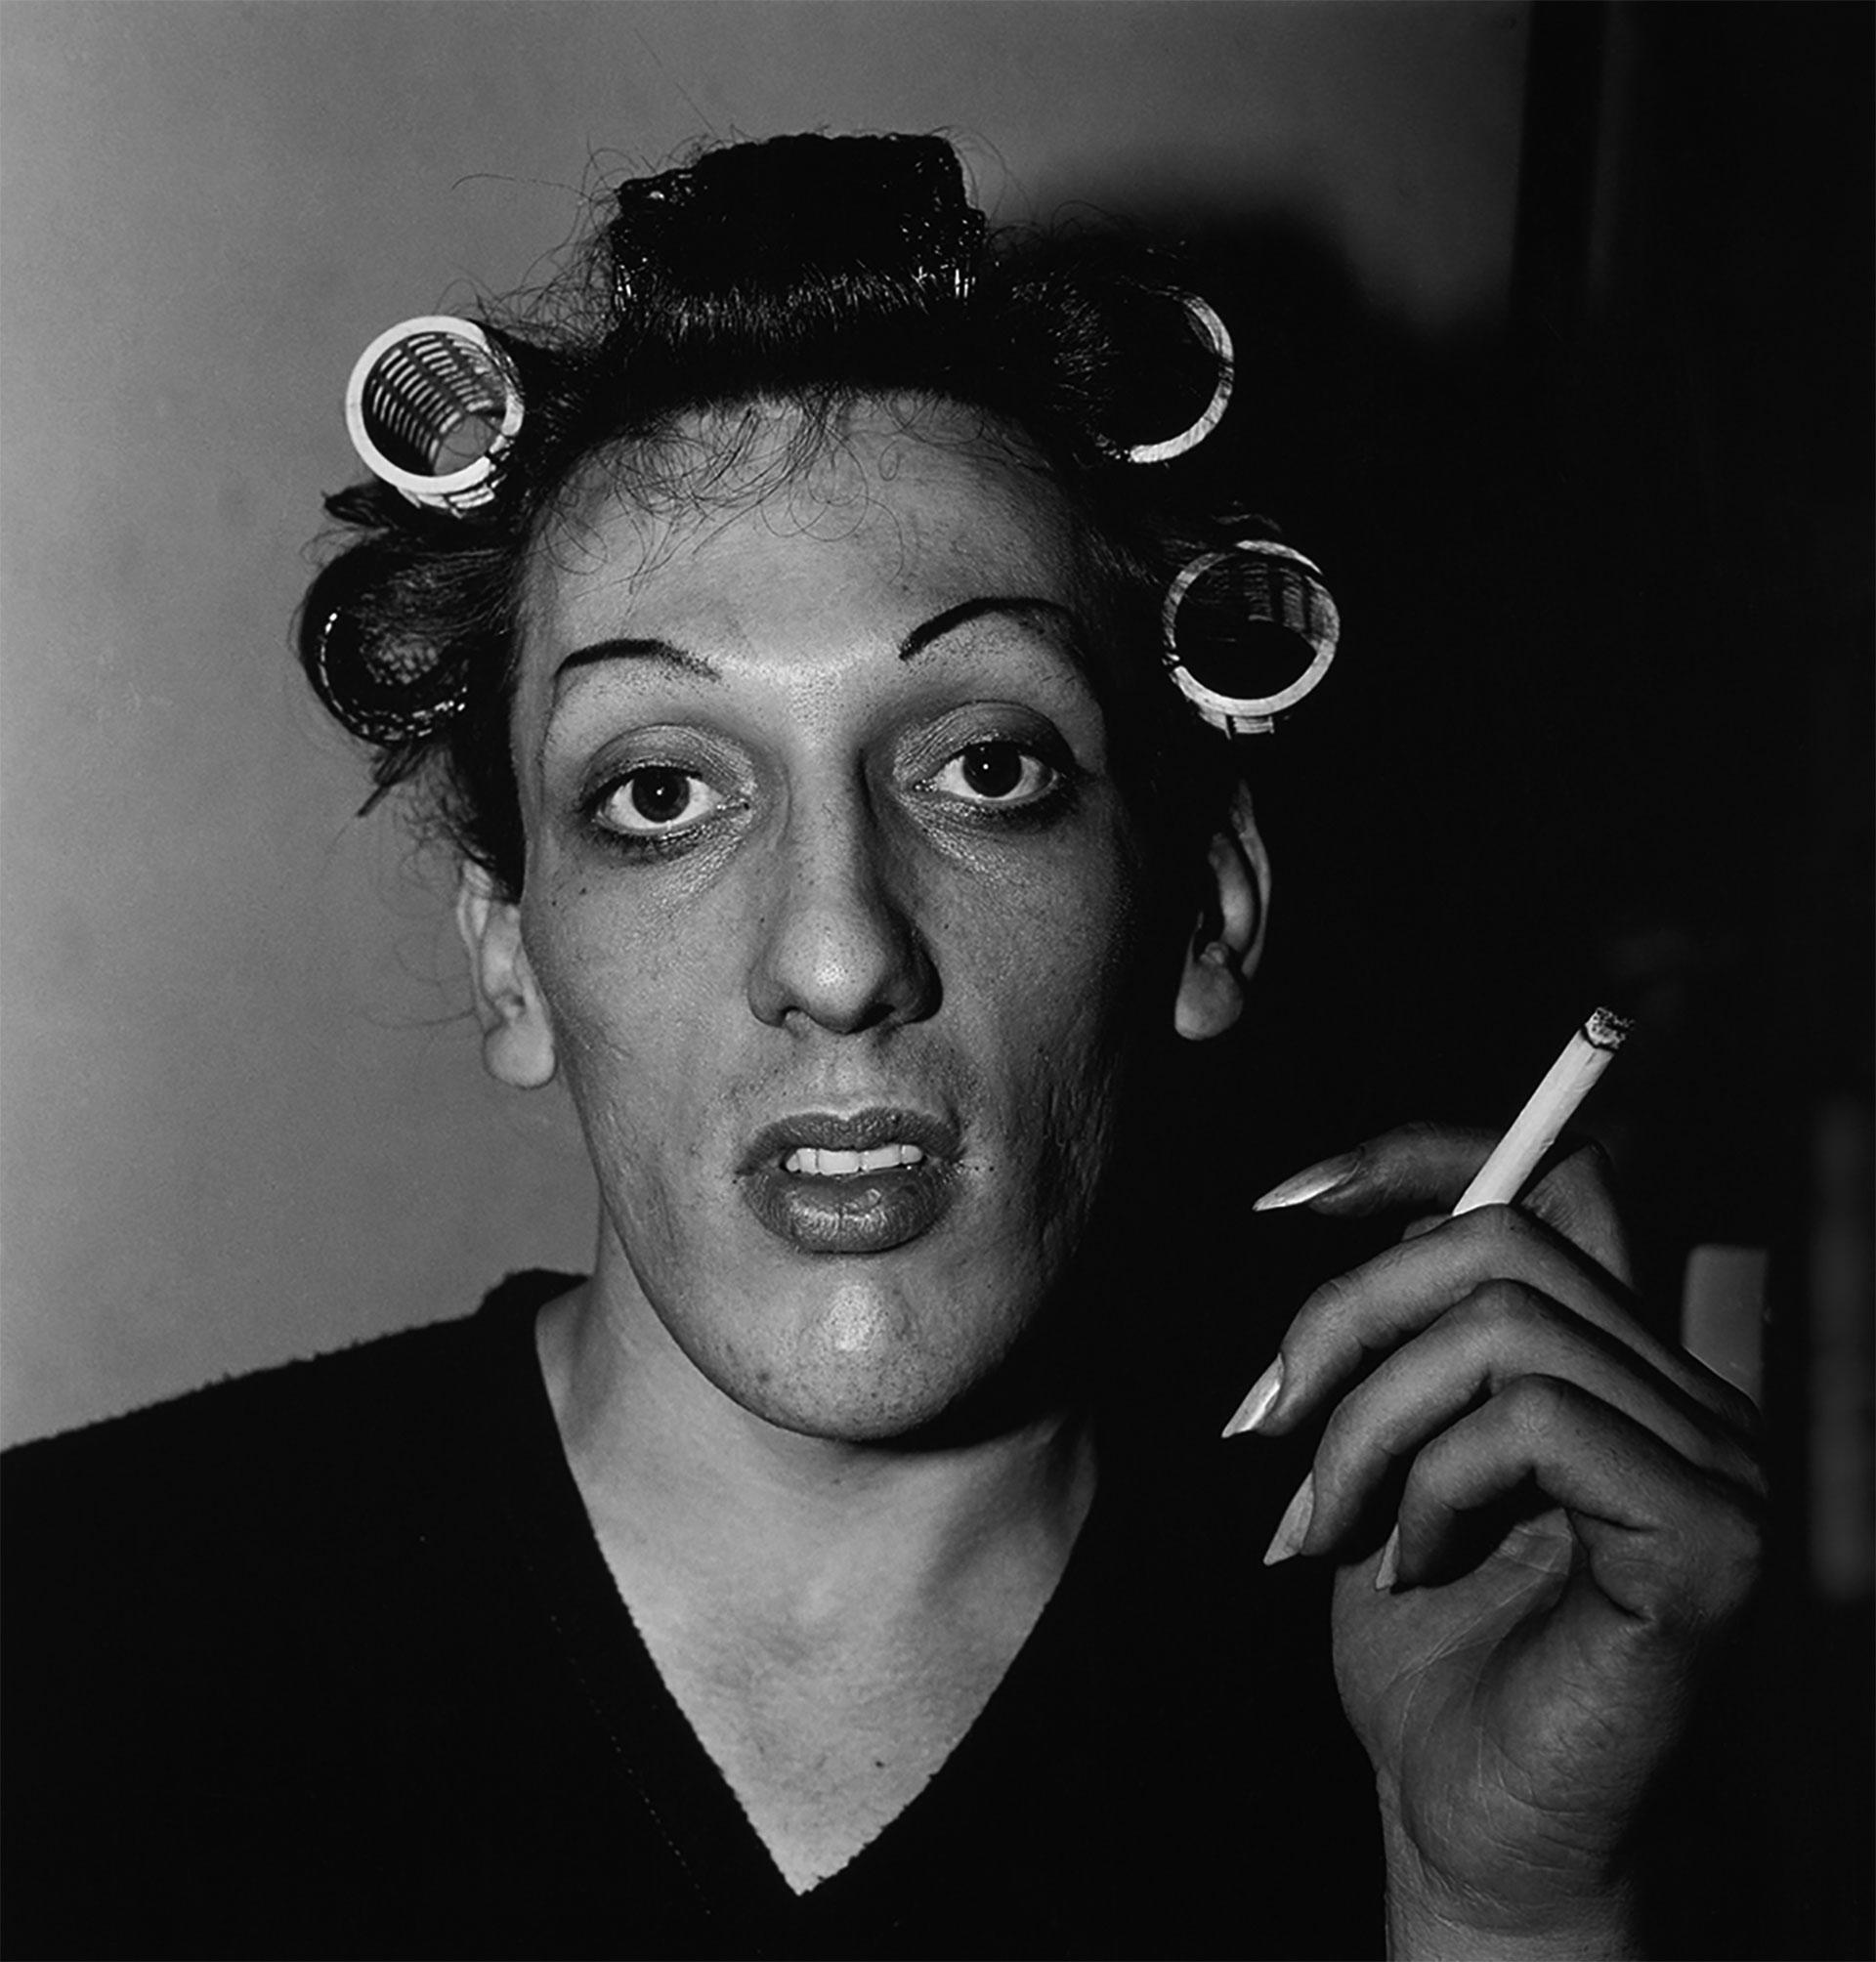 Un joven con ruleros en West 20th street de Nueva York, 1966.